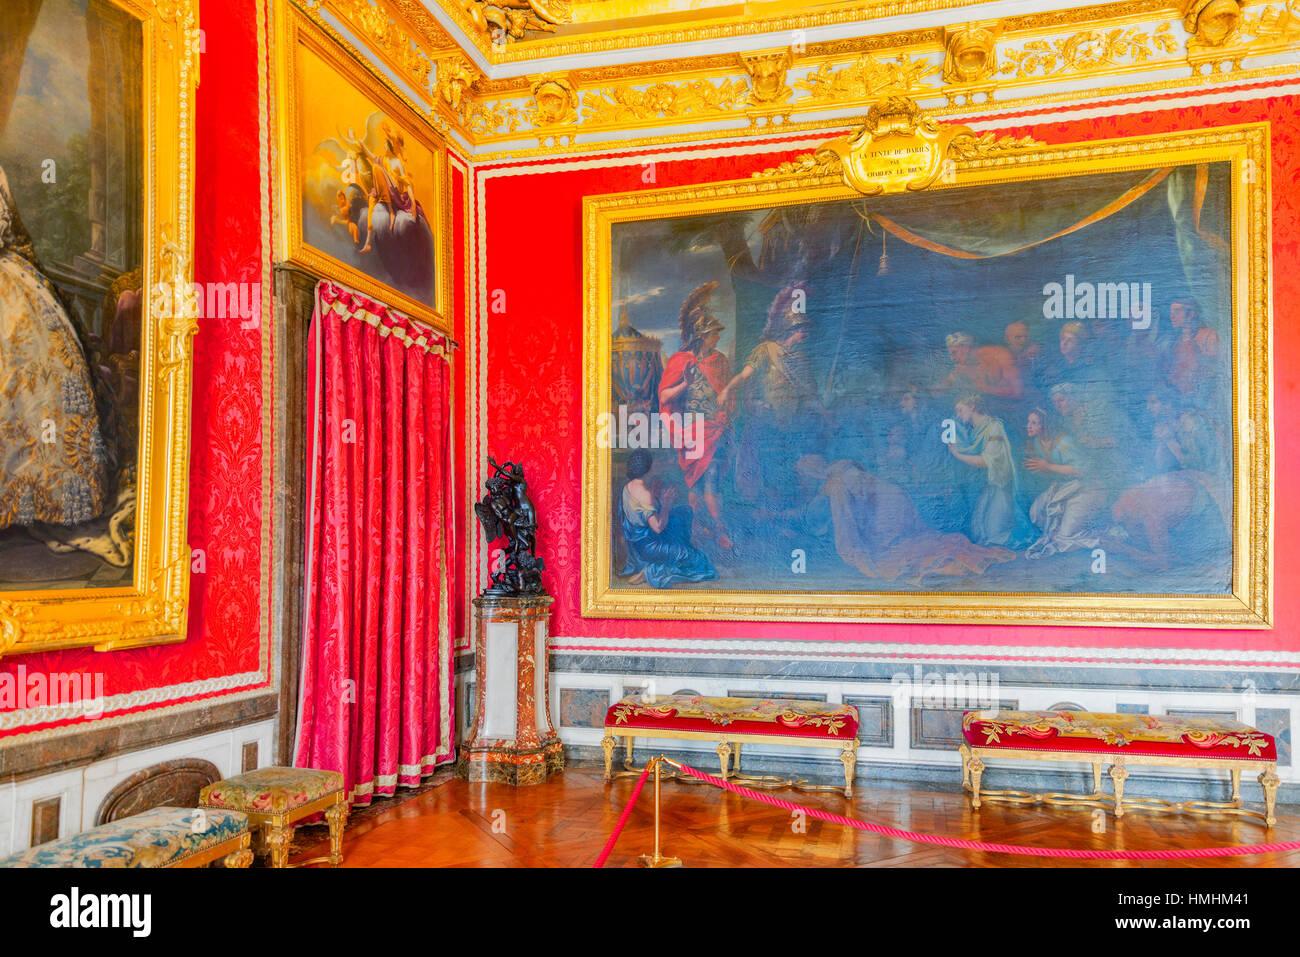 Baroque ceiling versailles palace stockfotos baroque for Salon de versailles 2016